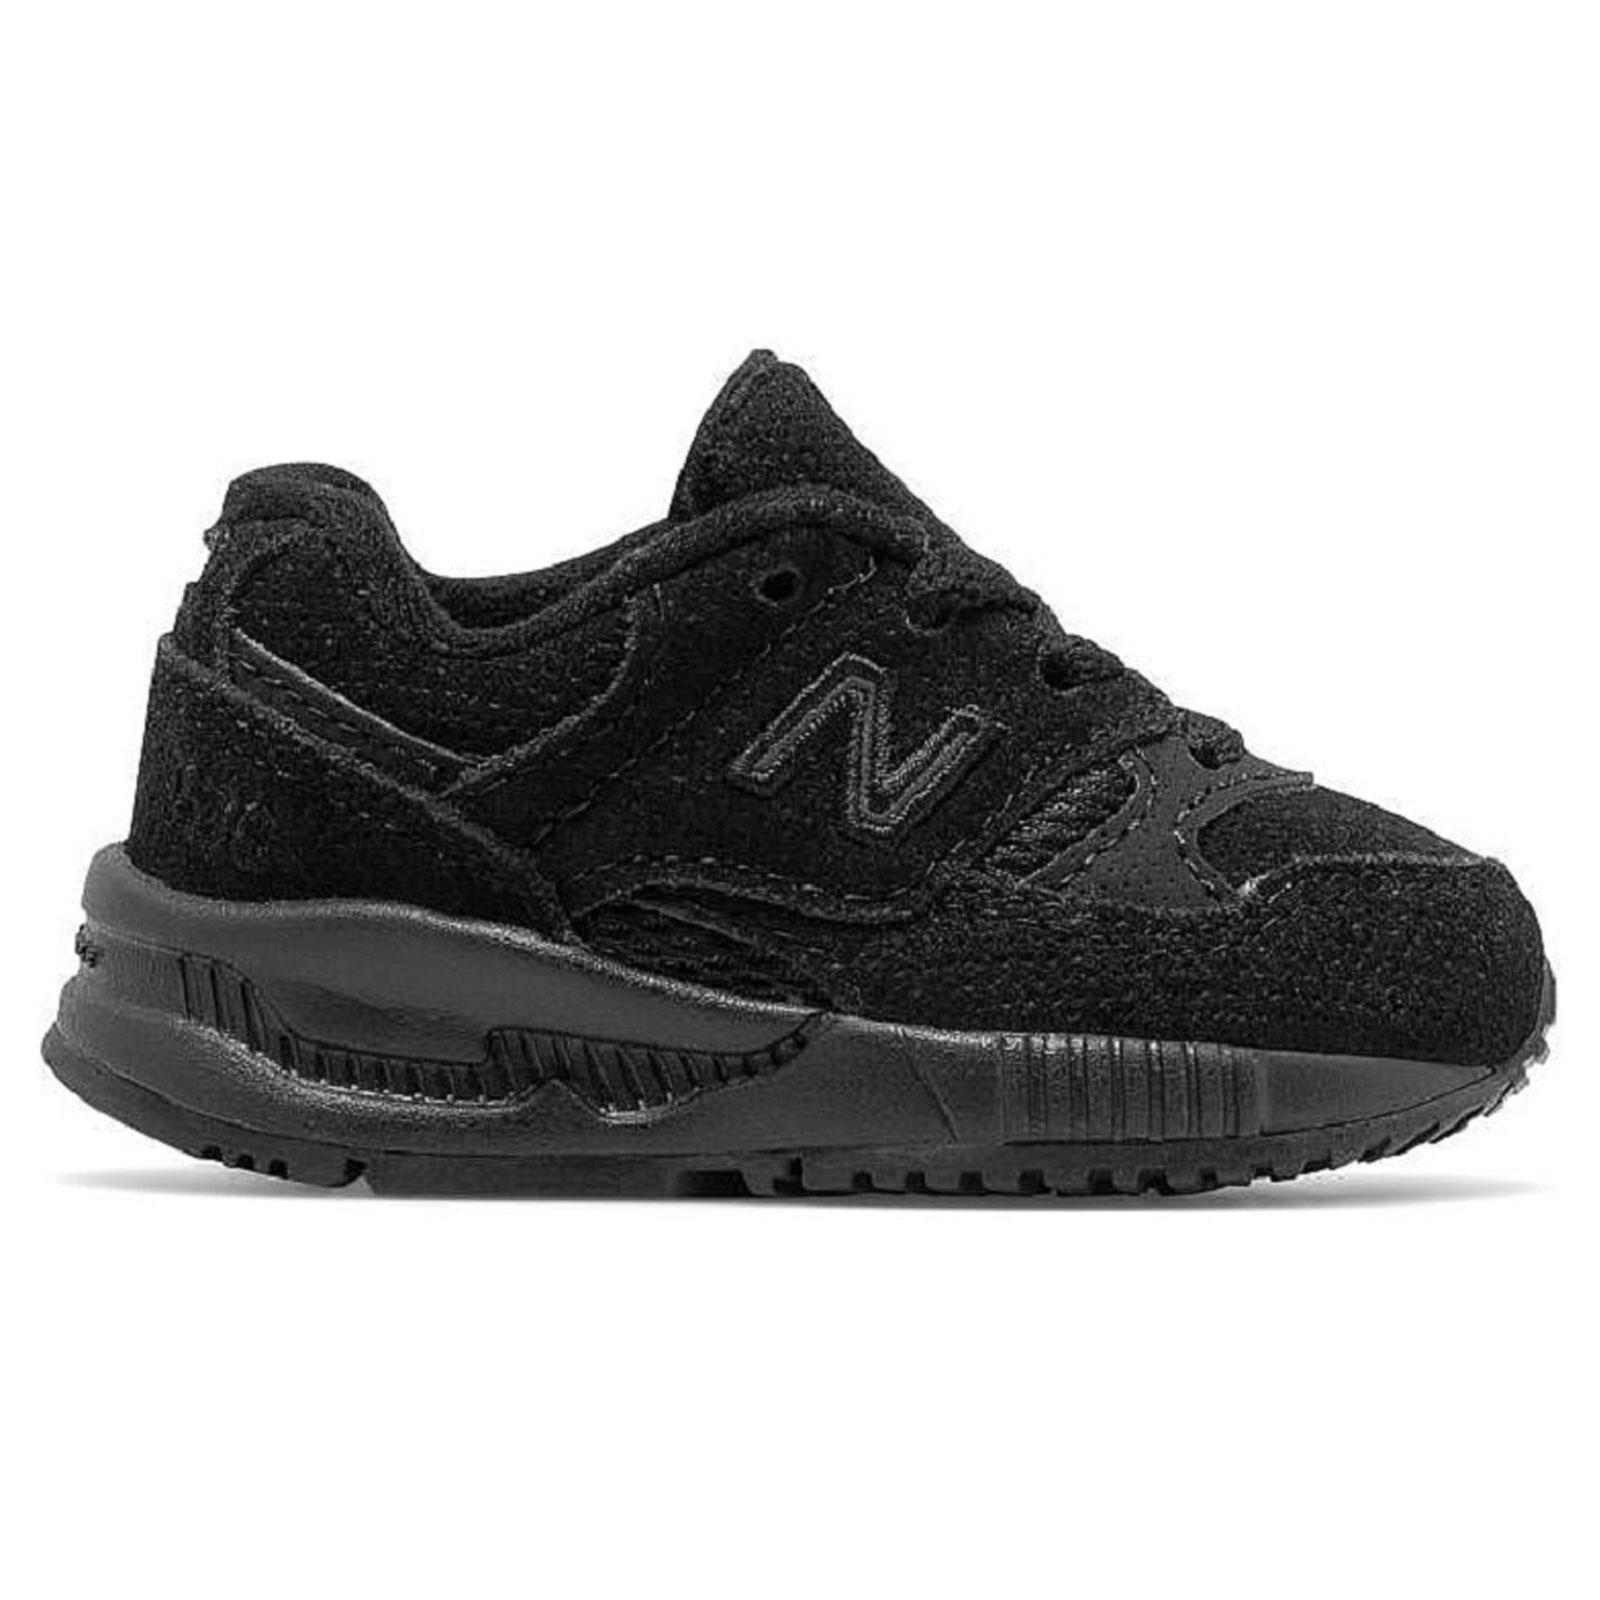 Details zu New Balance 530 Sneaker Babyschuhe Kinderschuhe Turnschuhe  Sportschuhe KL530TBI